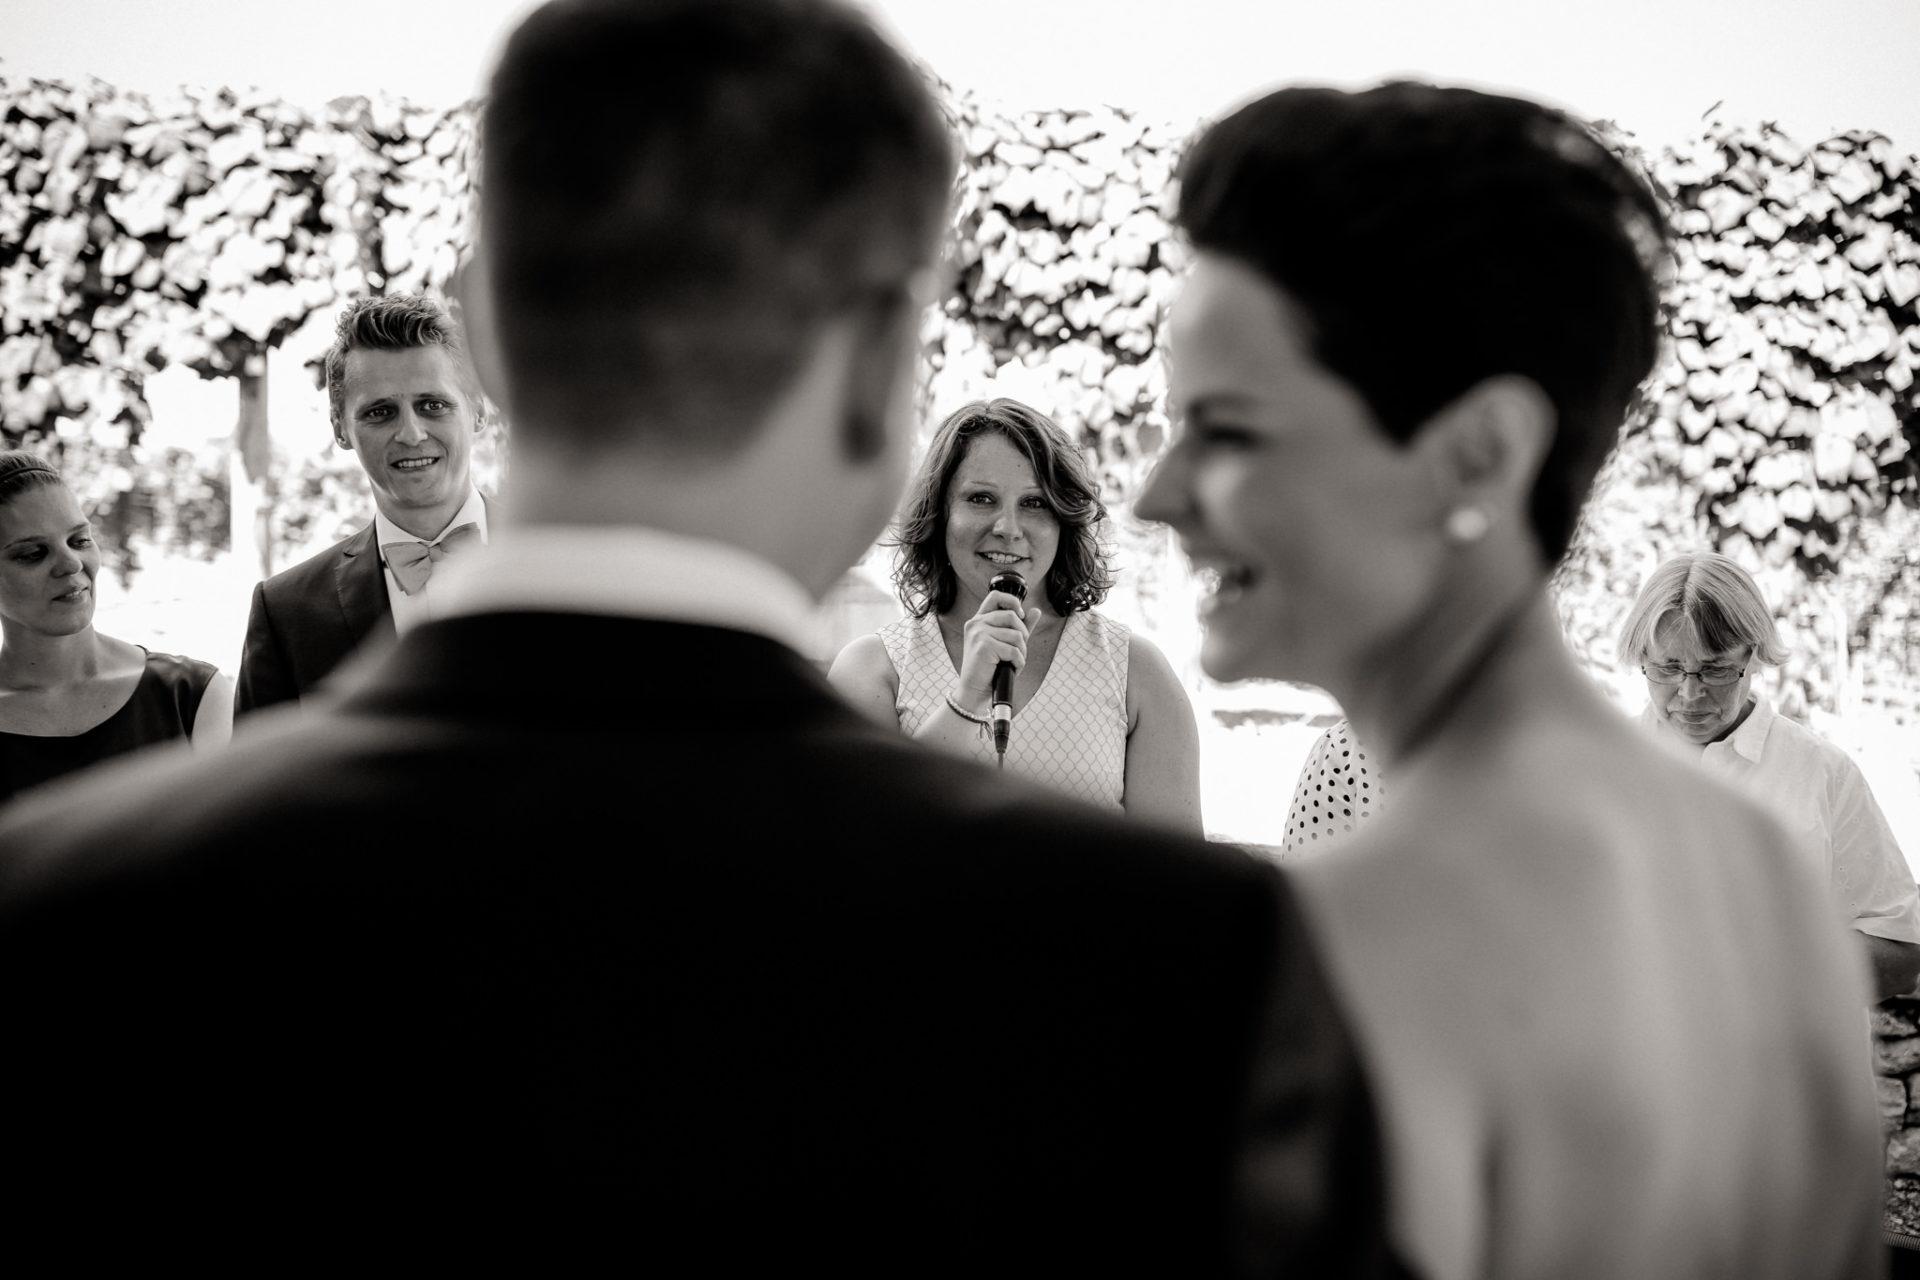 Weingut Fitz Ritter Hochzeitsfotograf-heiraten Pfalz-Sommerhochzeit Freie Trauung Ansprache